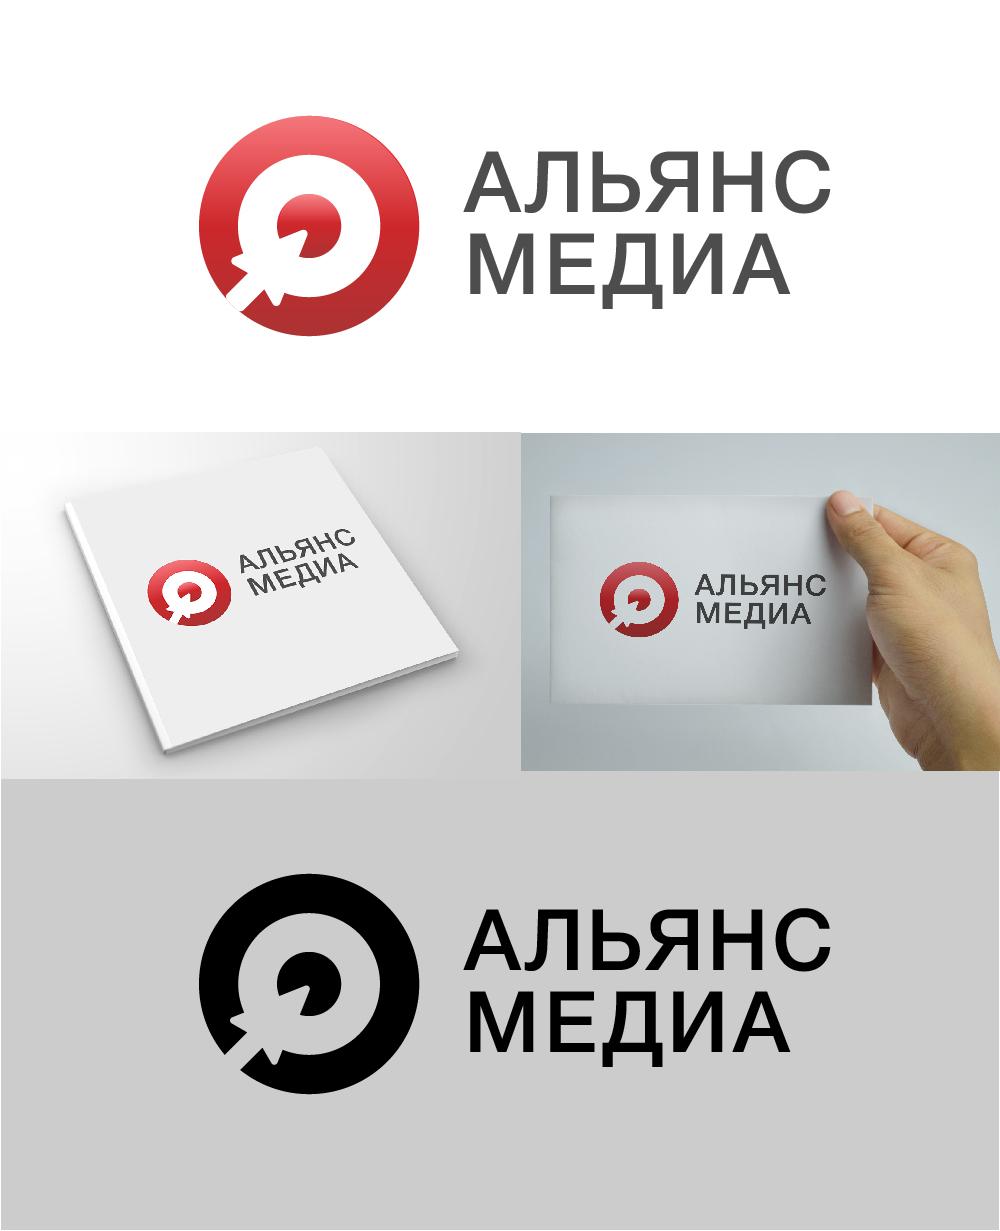 Создать логотип для компании фото f_4925ab13c4010601.jpg